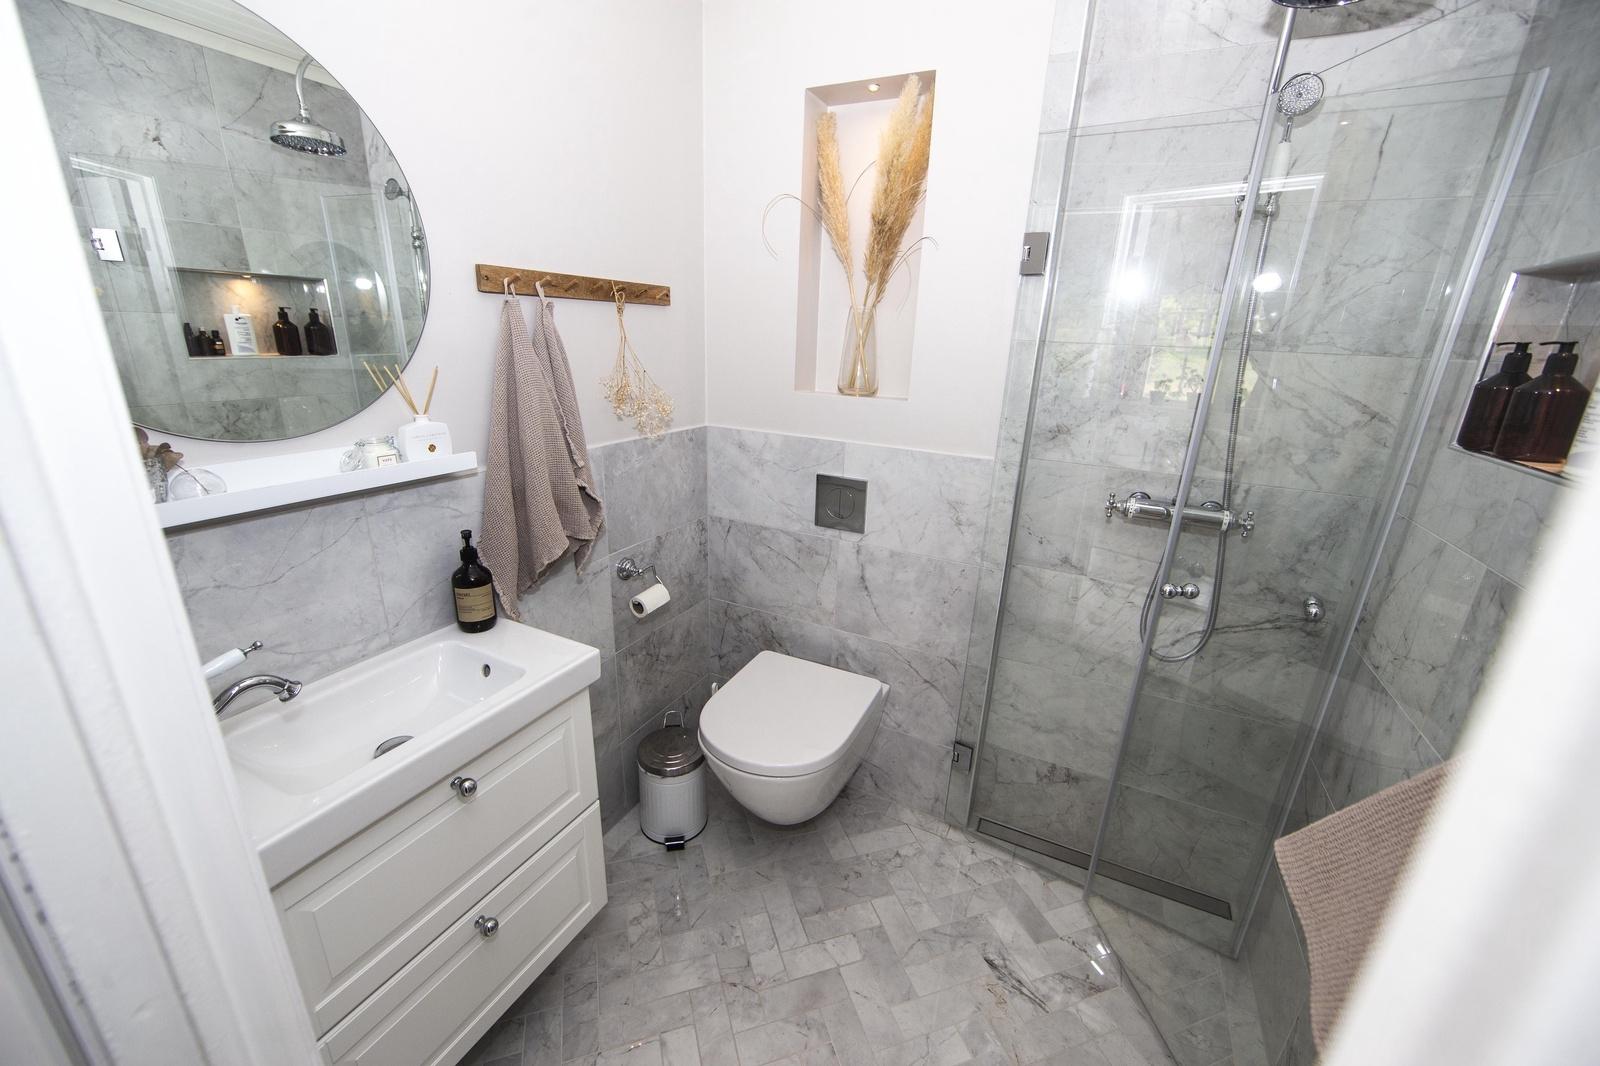 Badrummet på nedervåningen är det som senast blev renoverat. Det blev färdigt i höstas.